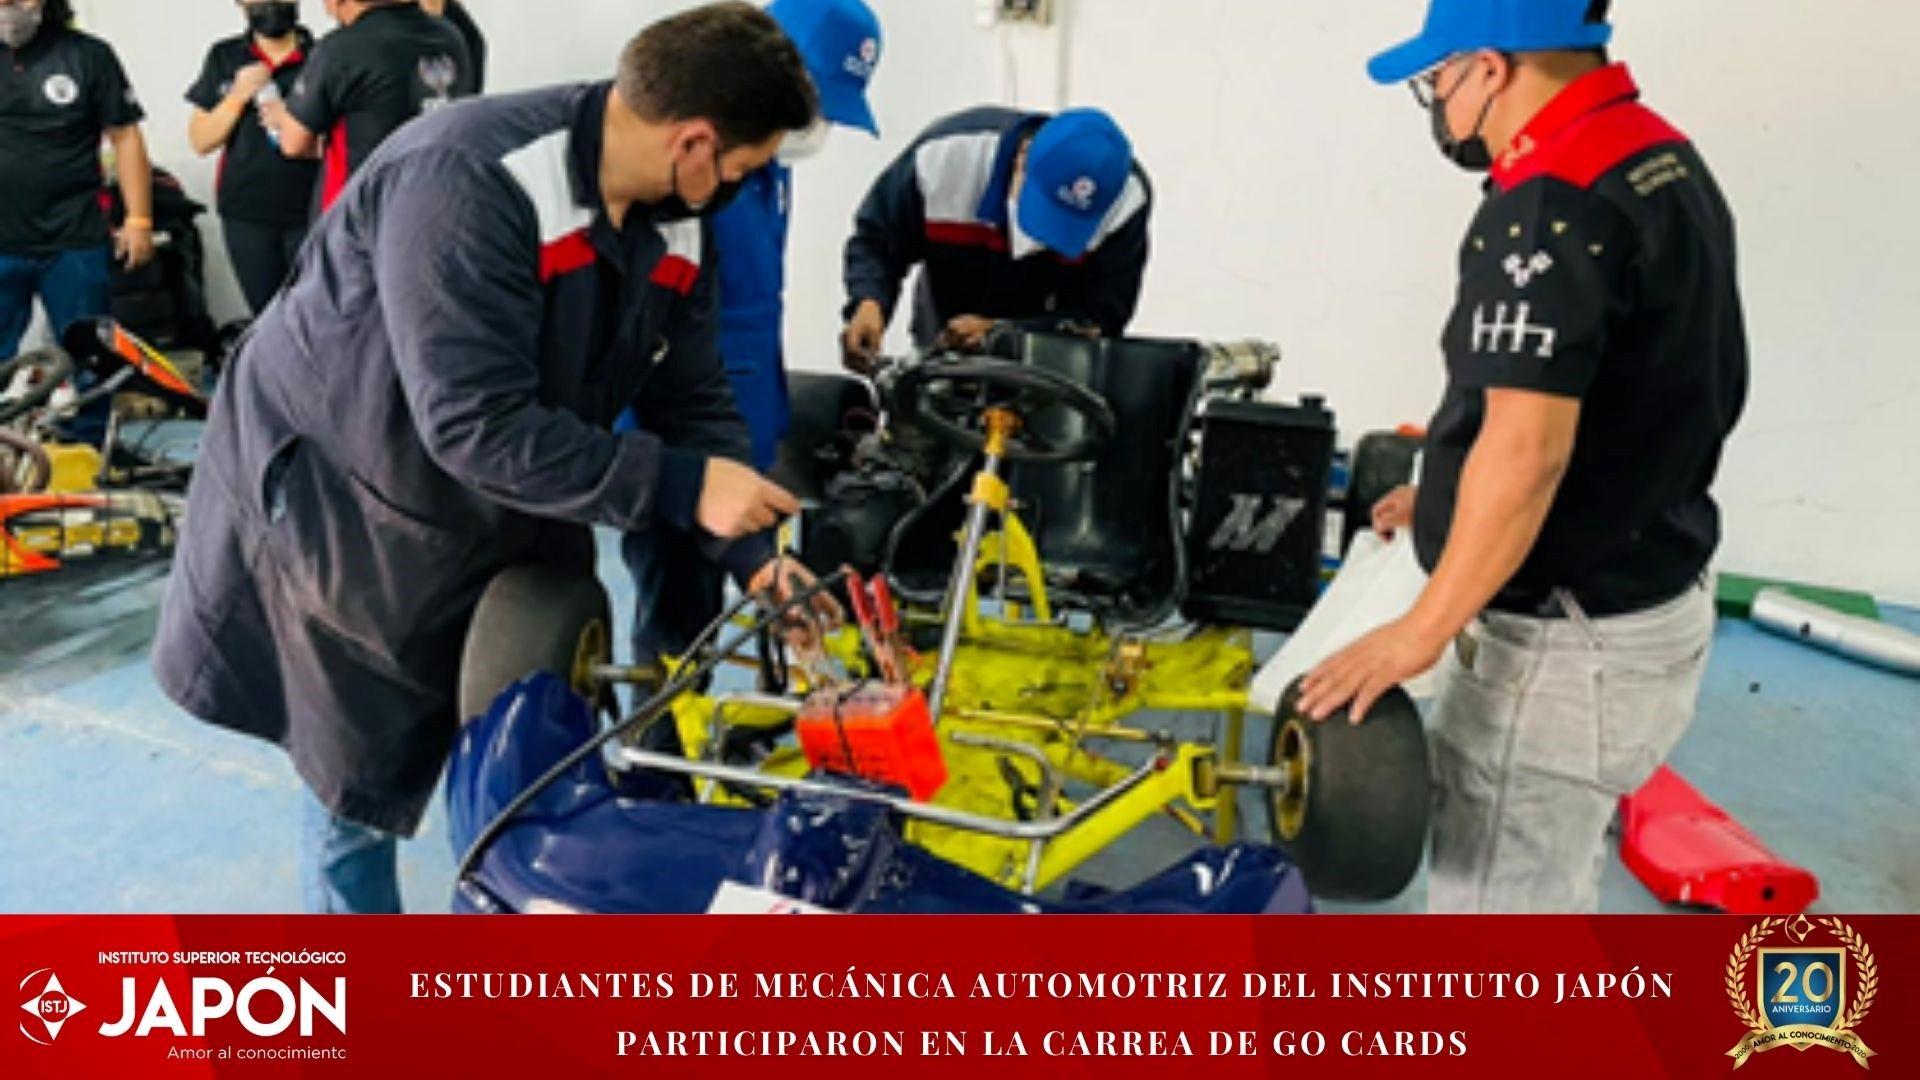 ESTUDIANTES DE MECÁNICA AUTOMOTRIZ  DEL INSTITUTO JAPÓN PARTICIPARON EN LA CARREA DE GO CARDS